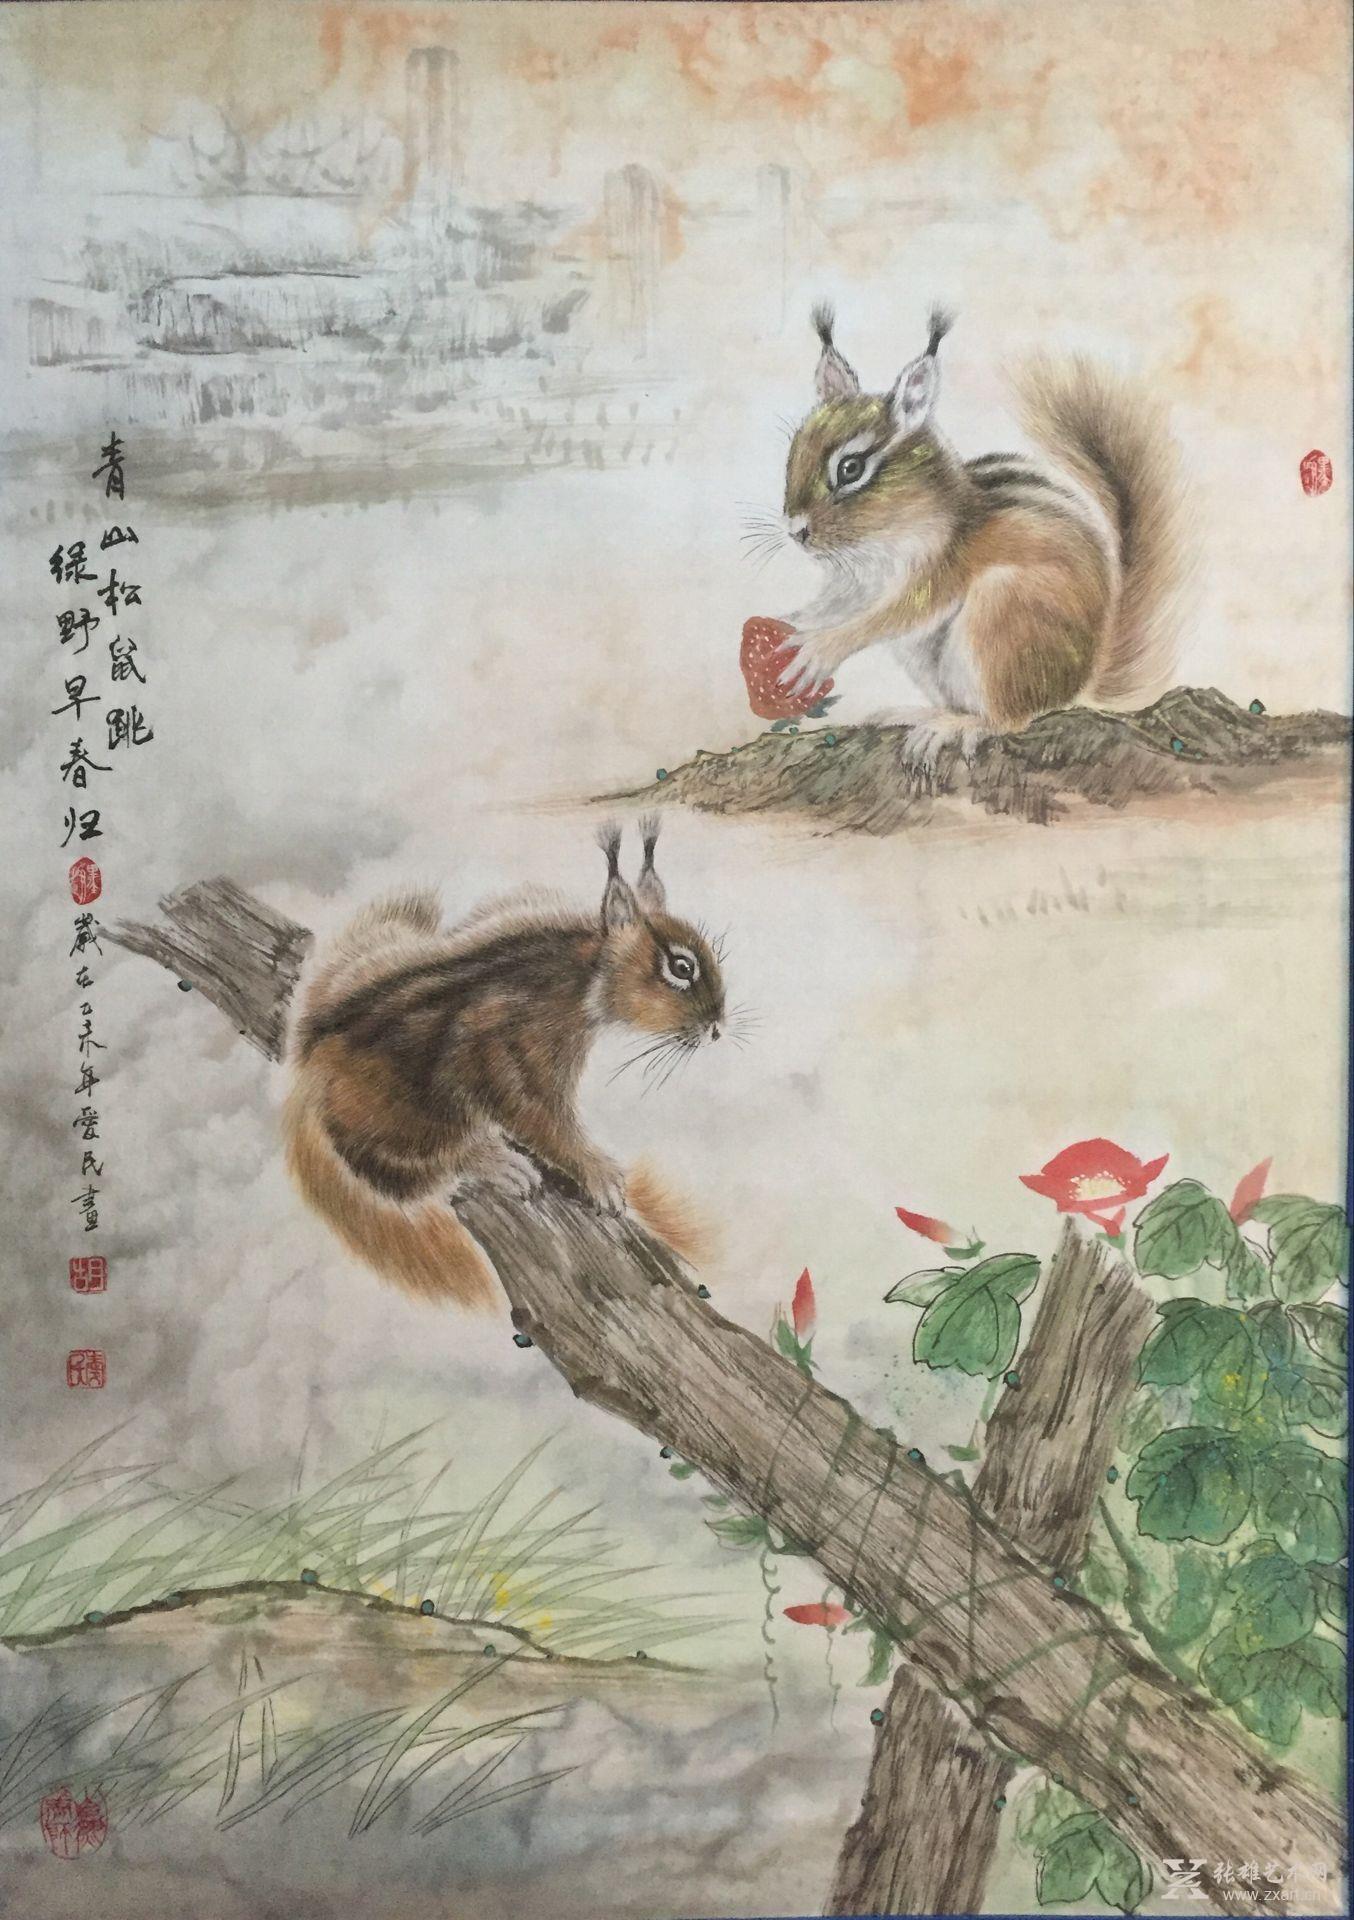 中国书画 国画 工笔画 > 青山松鼠跳 绿野早春归   商品详细商品评价